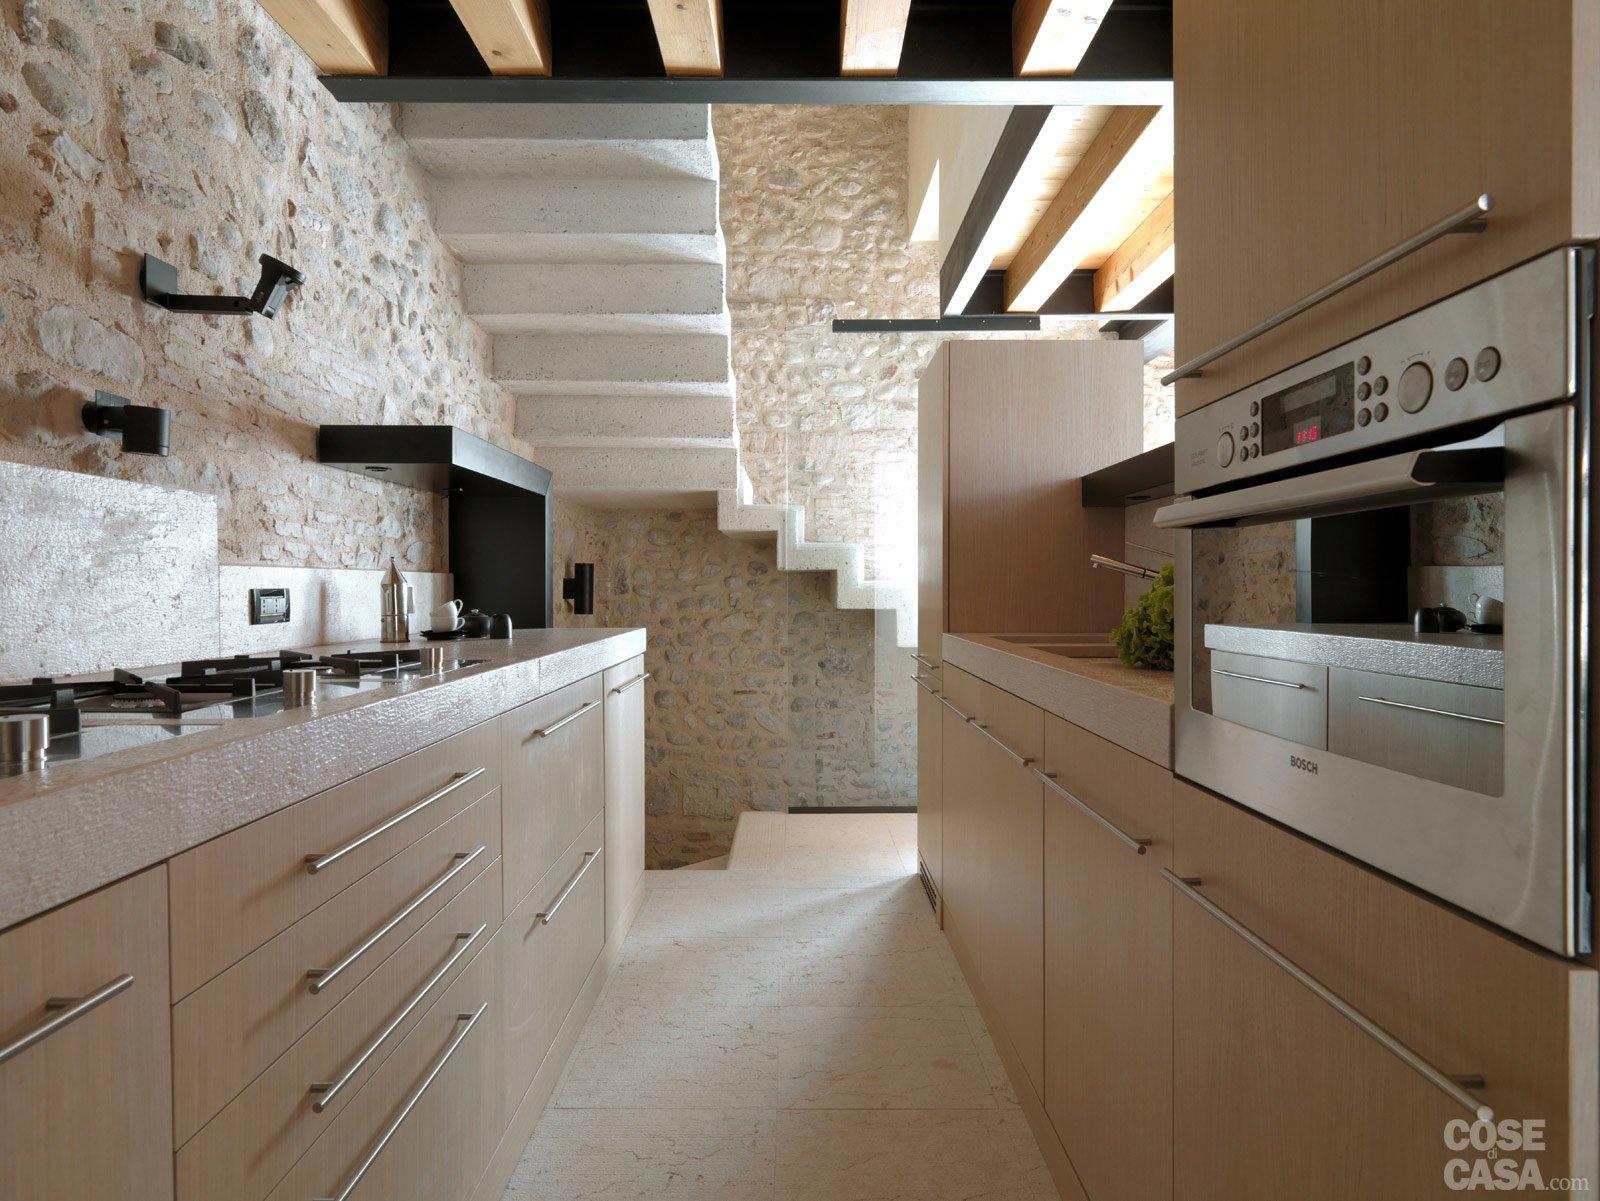 Legno e pietra a vista nella casa restaurata cose di casa for Cucina open space con pilastri